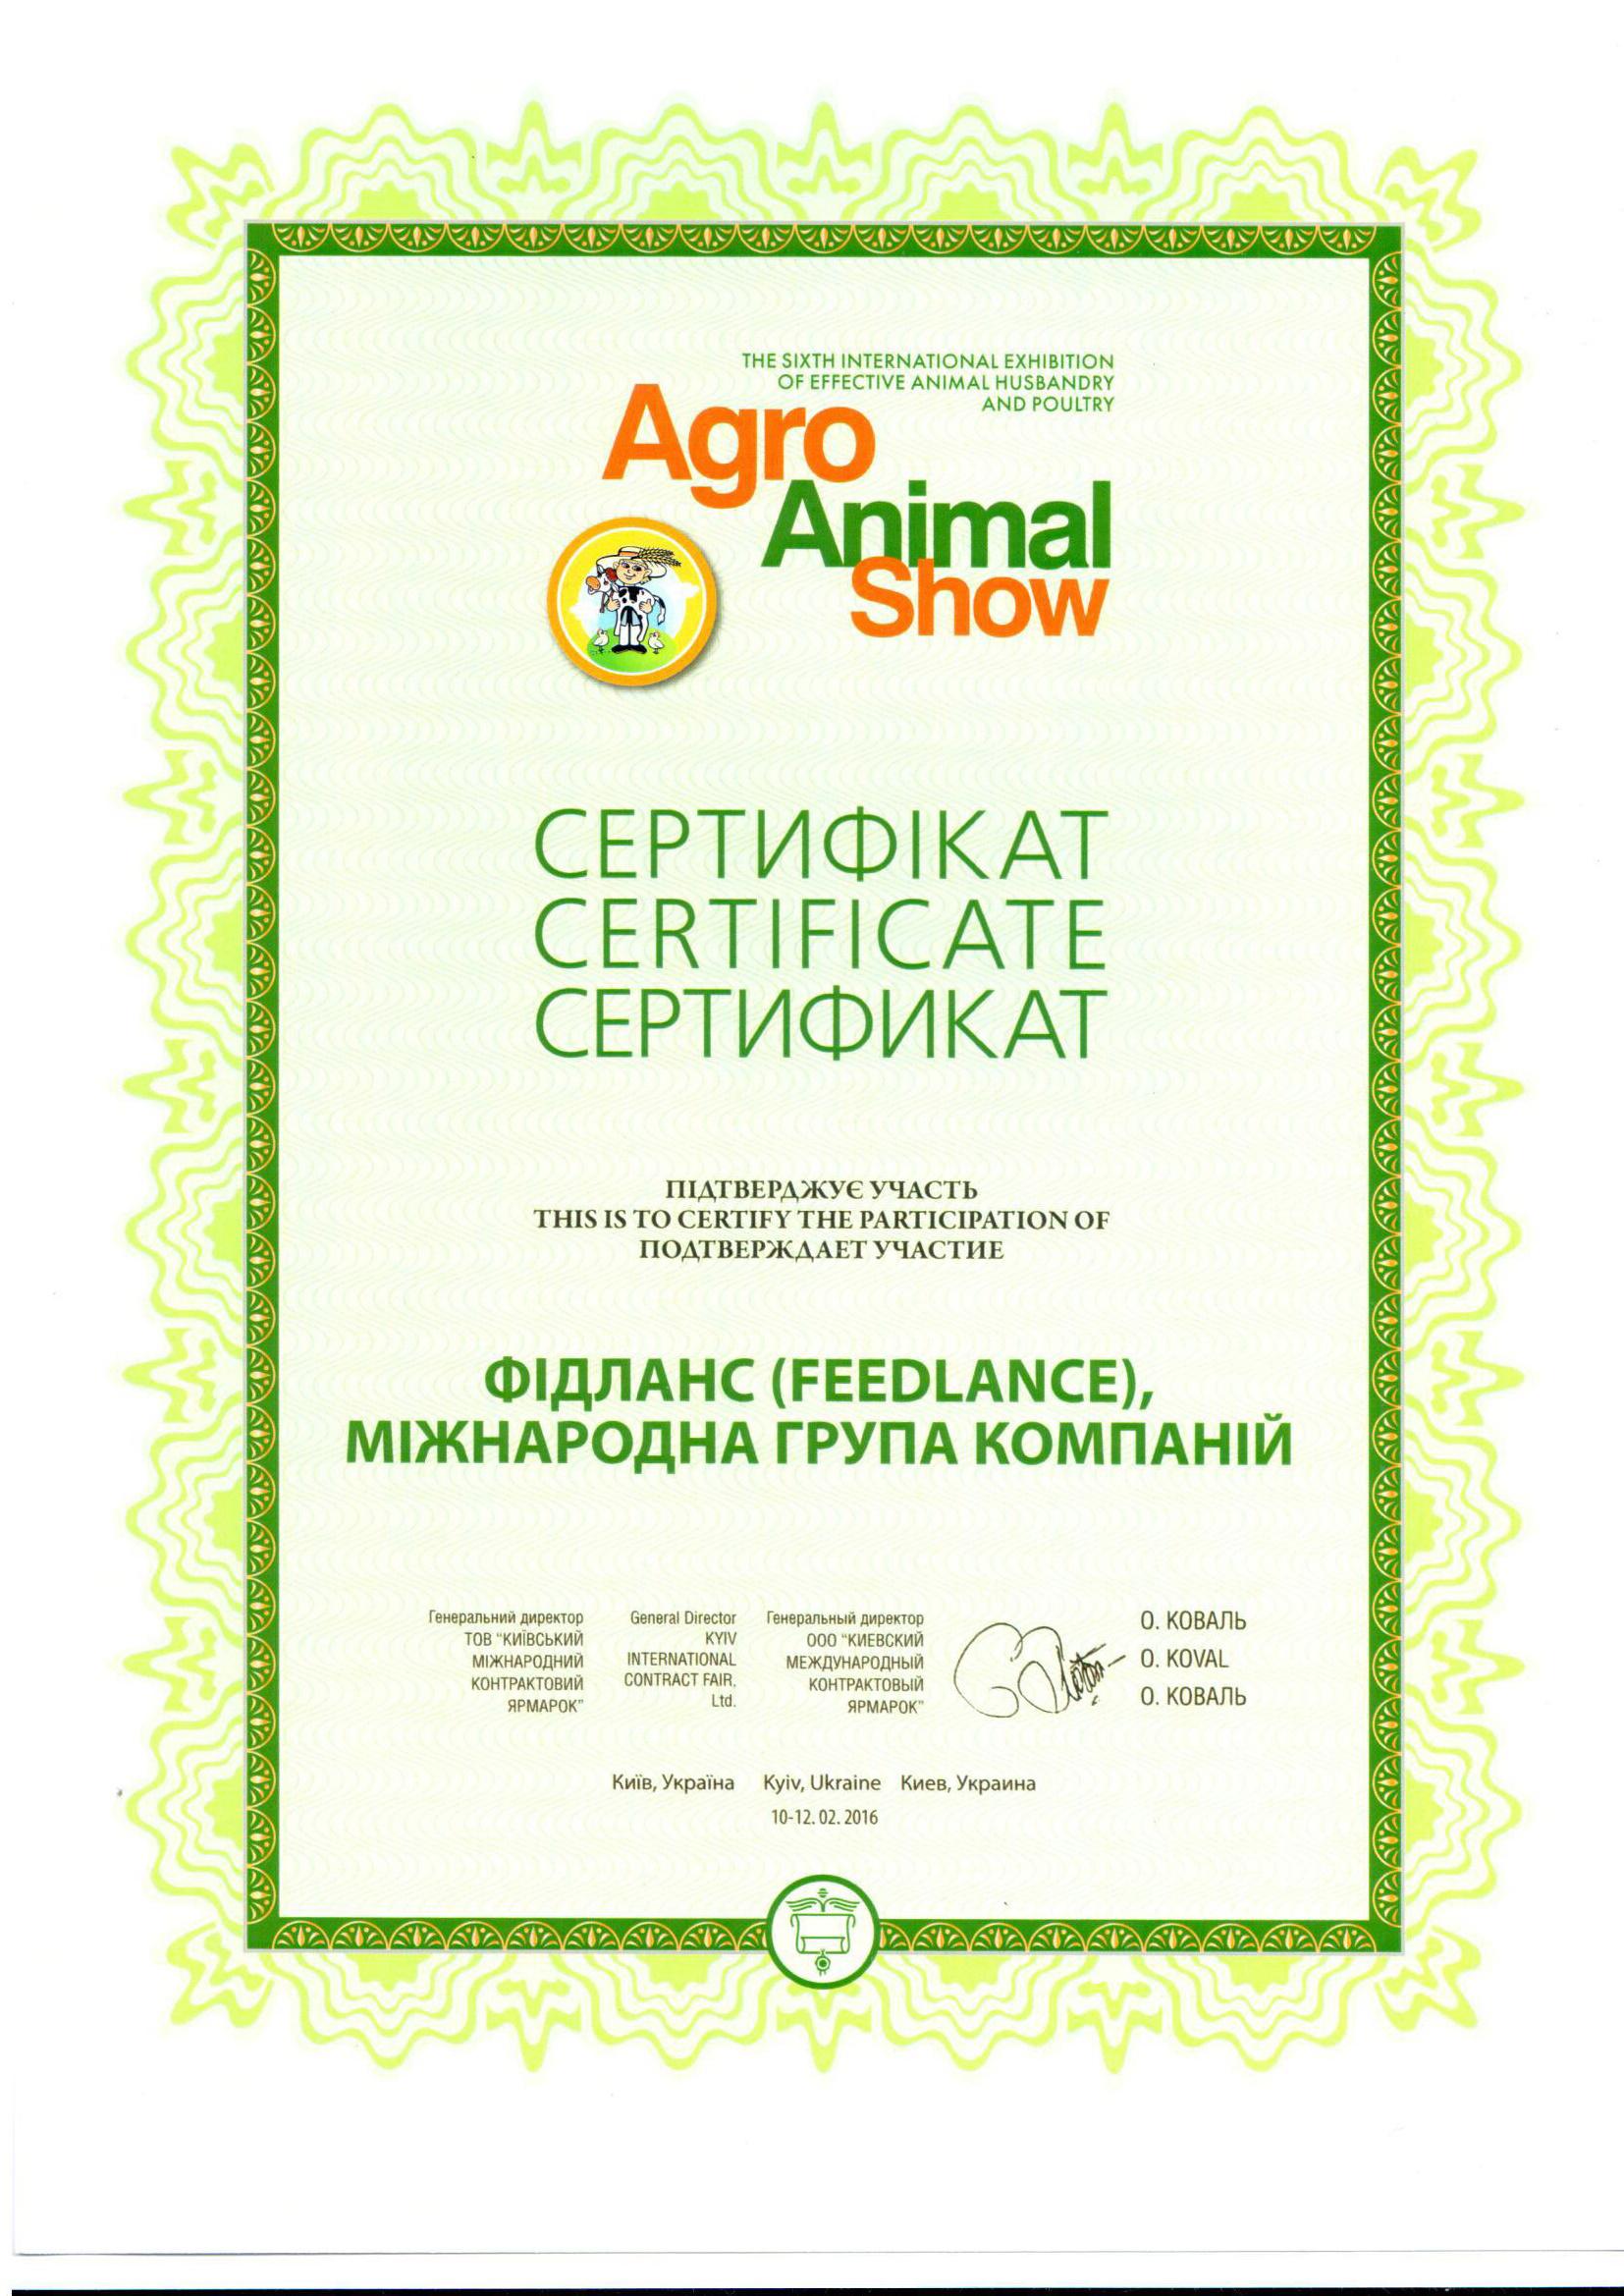 за участие в выставке Agro Animal Show 2016